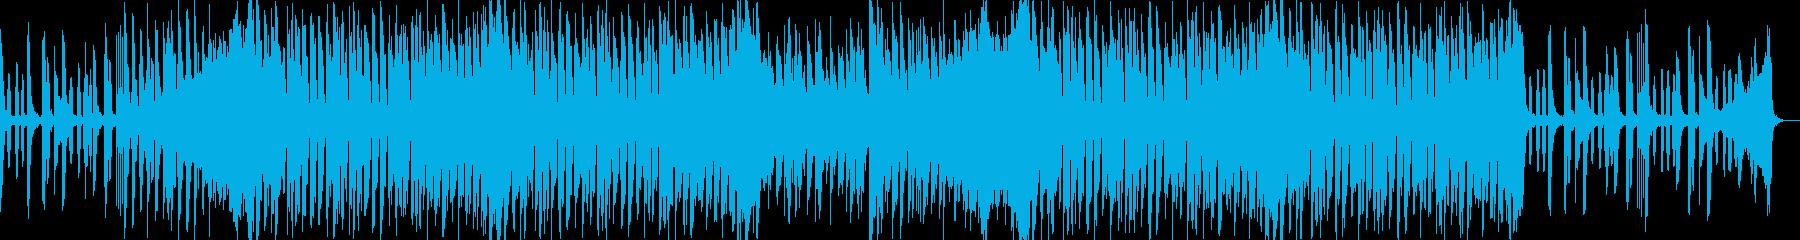 ノリノリカワイイポップな4つうちのBGMの再生済みの波形